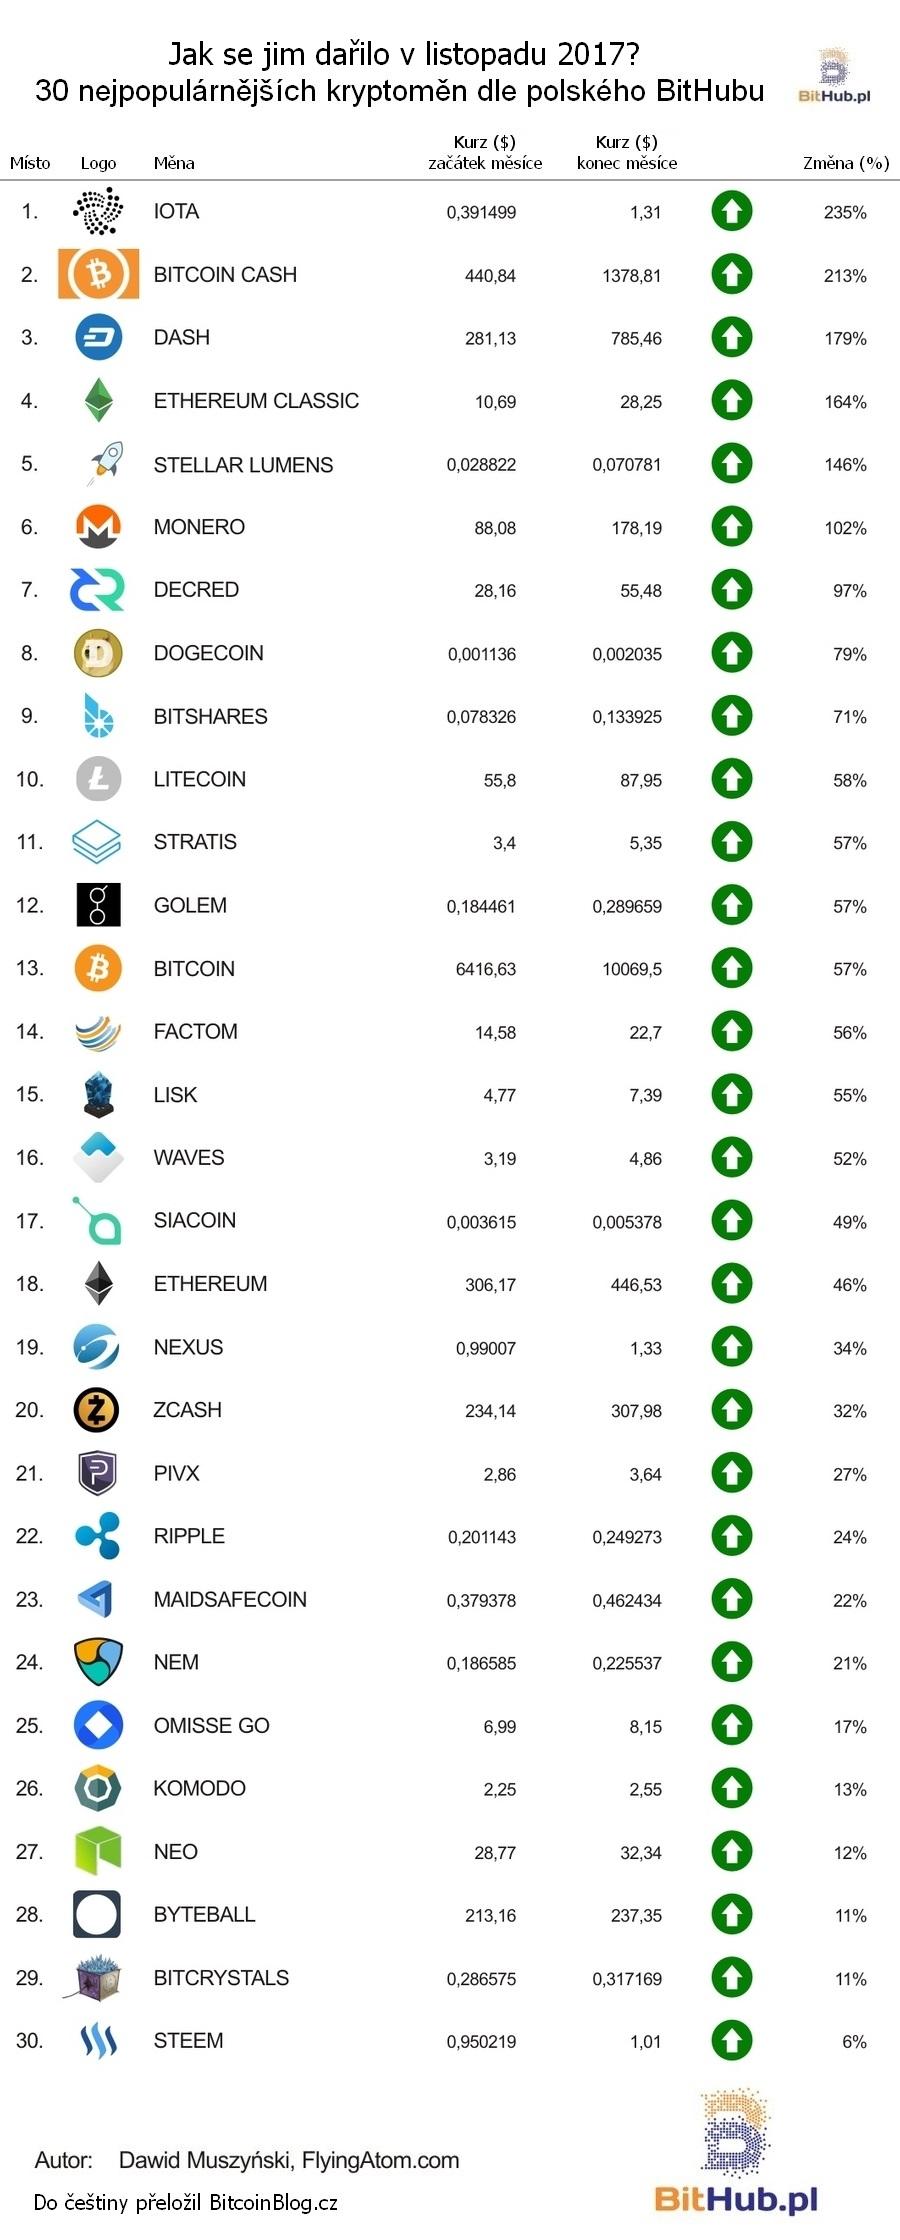 Tabulka: Jak se jim dařilo - 30 nejpopulárnějších kryptoměn z BitHub.pl (Listopad 2017)